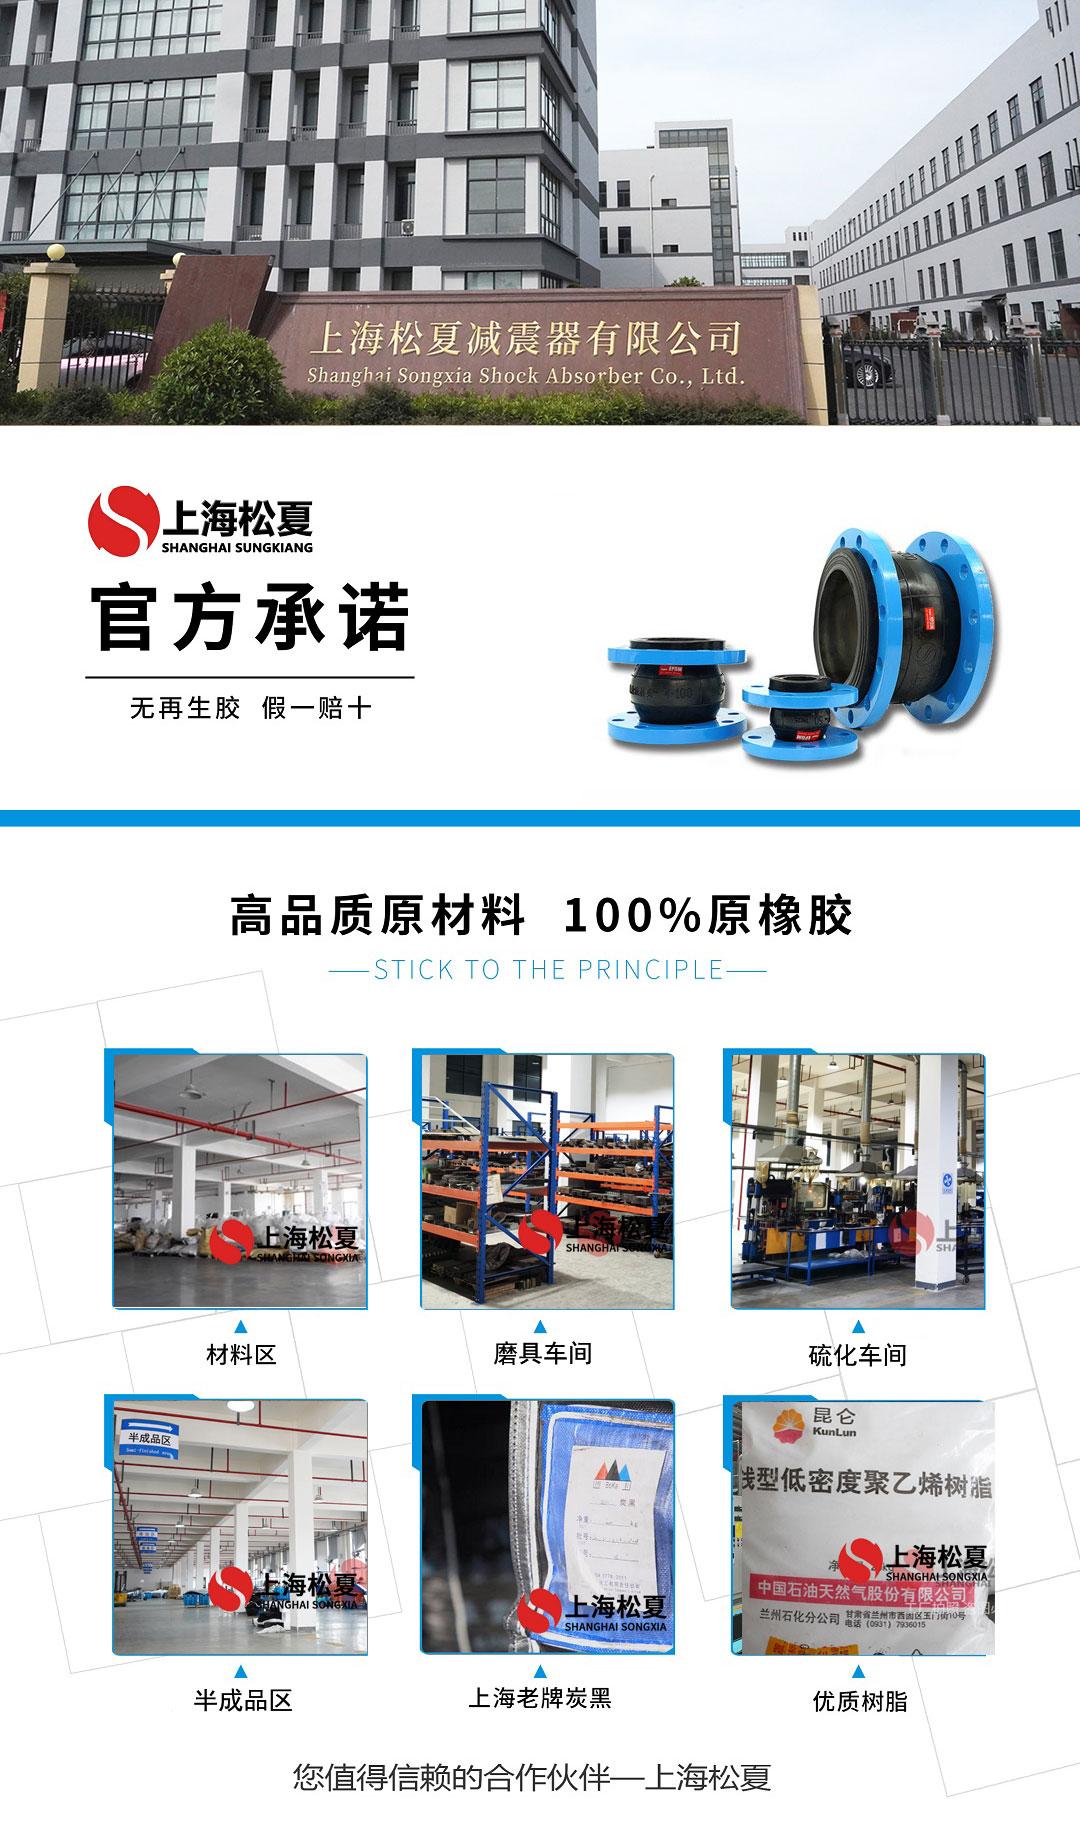 上海松夏減震器有限公司